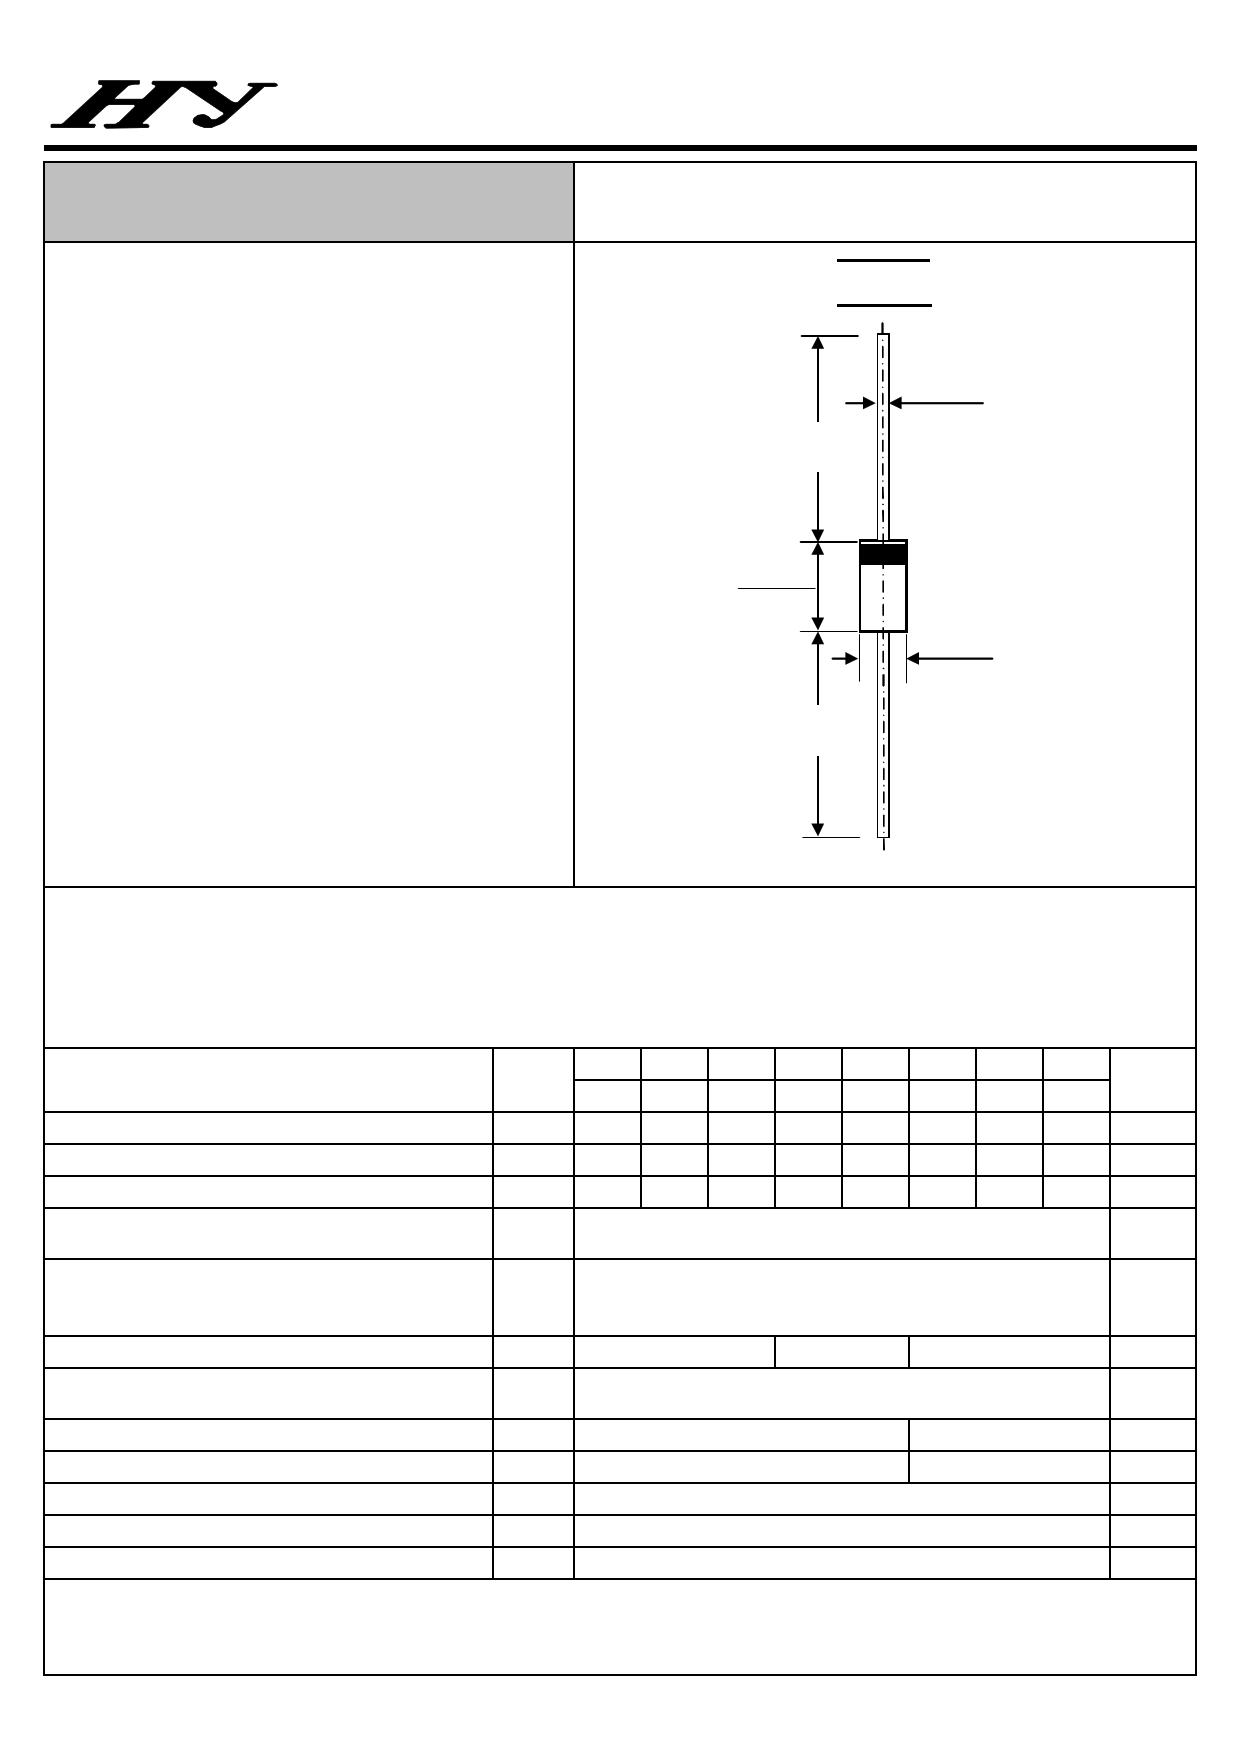 UF3004 datasheet